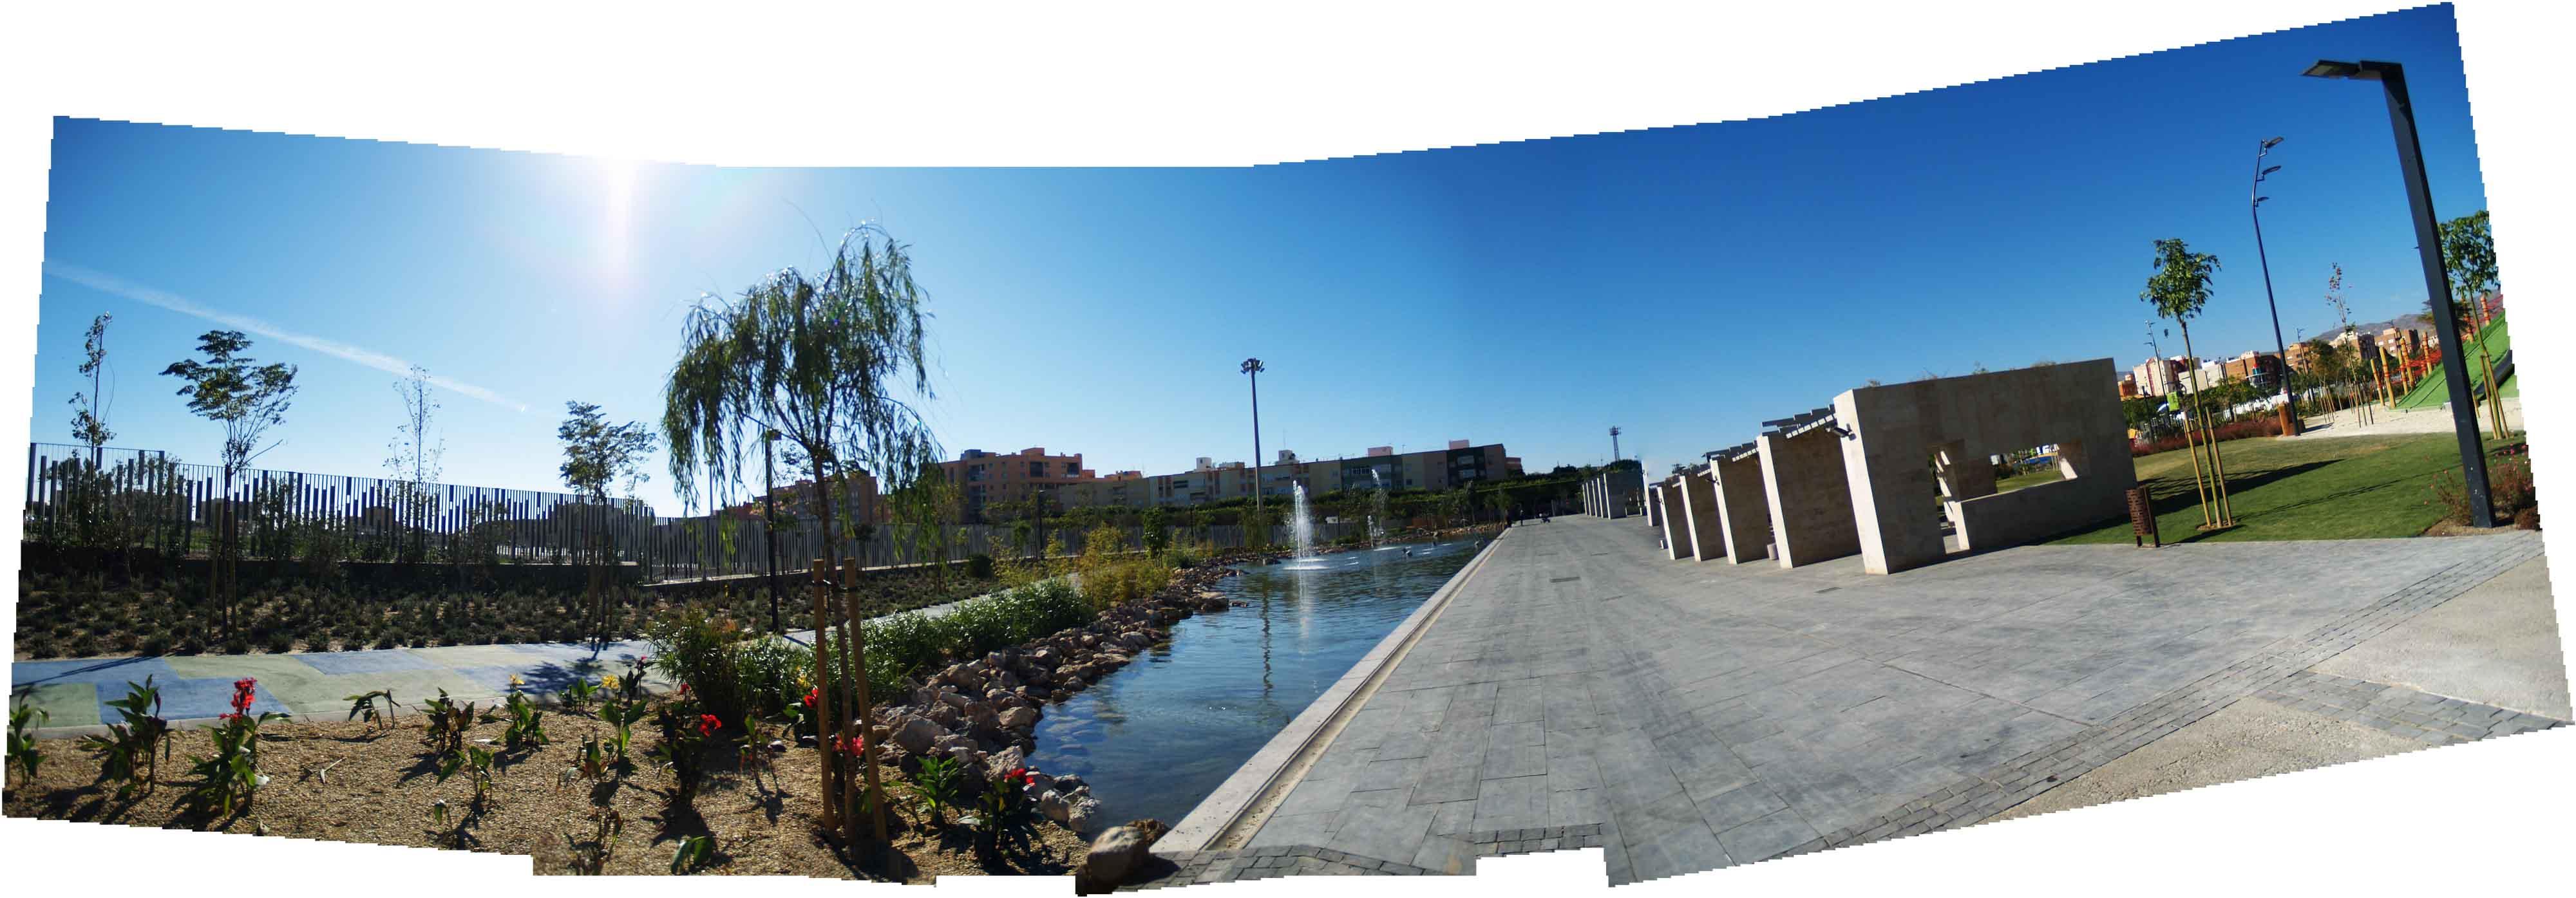 Parques y jardines - Parque de las Familias en Almería